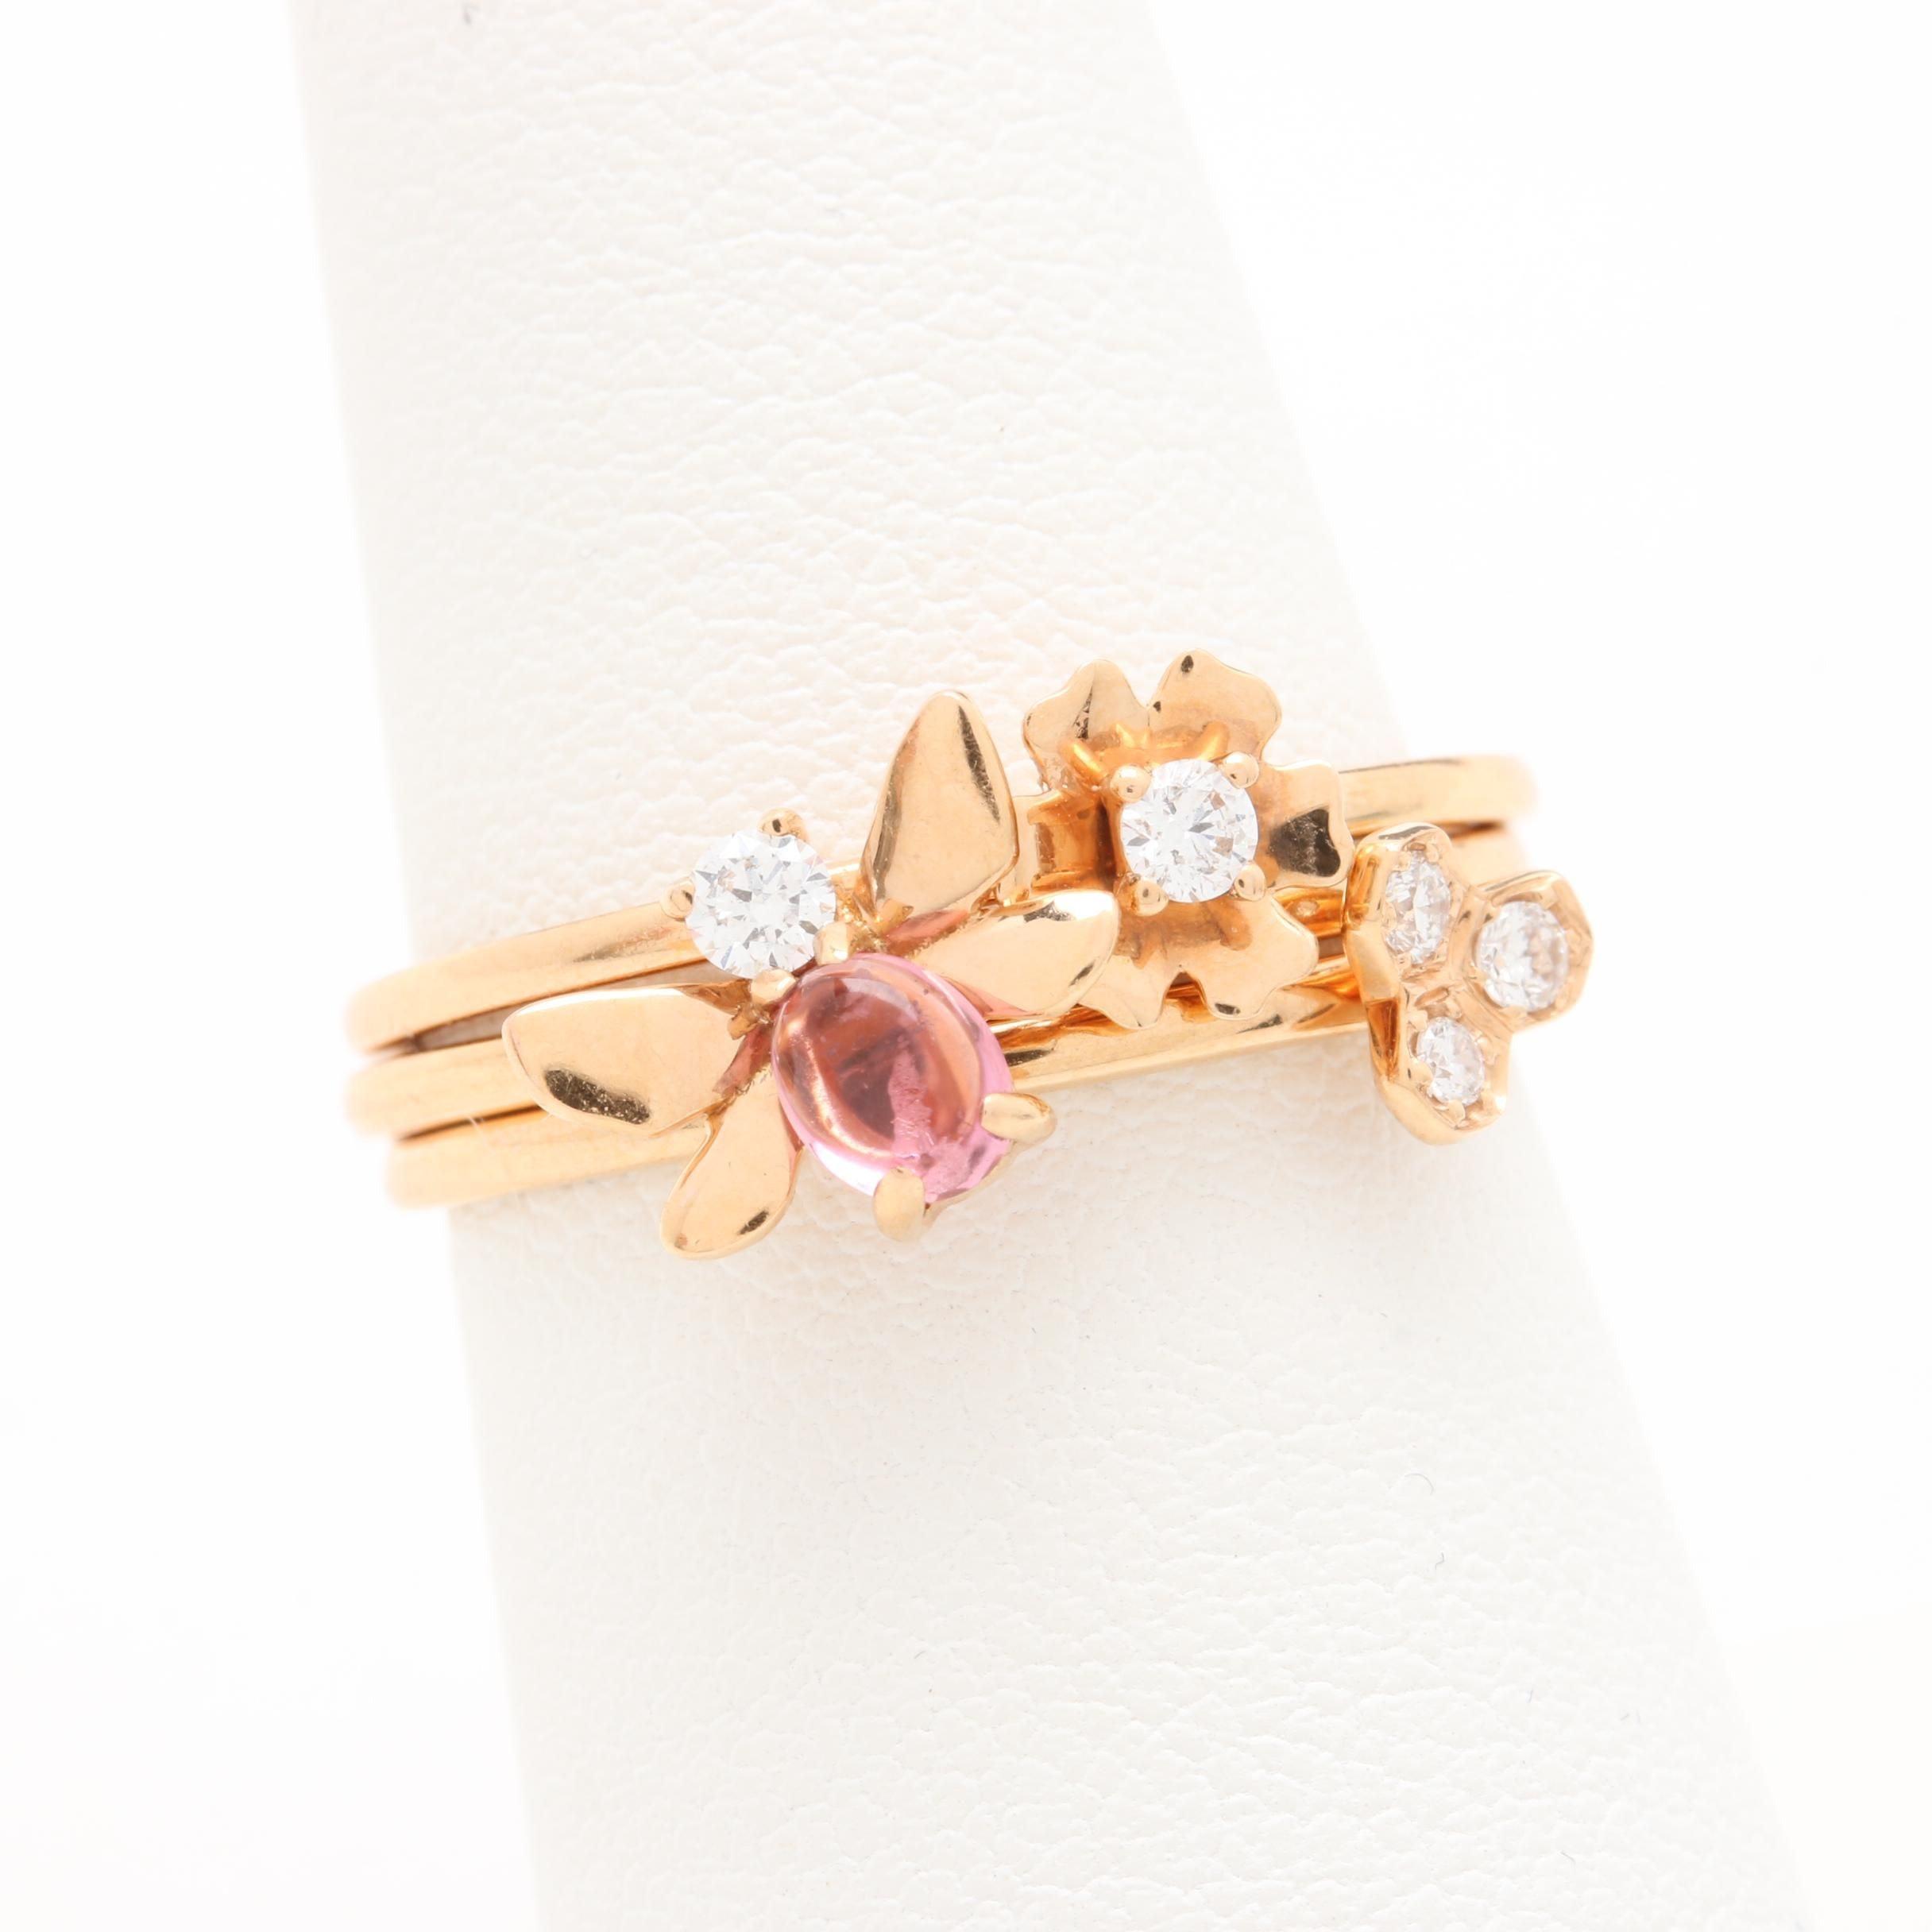 18K Yellow Gold Diamond and Pink Tourmaline Rings